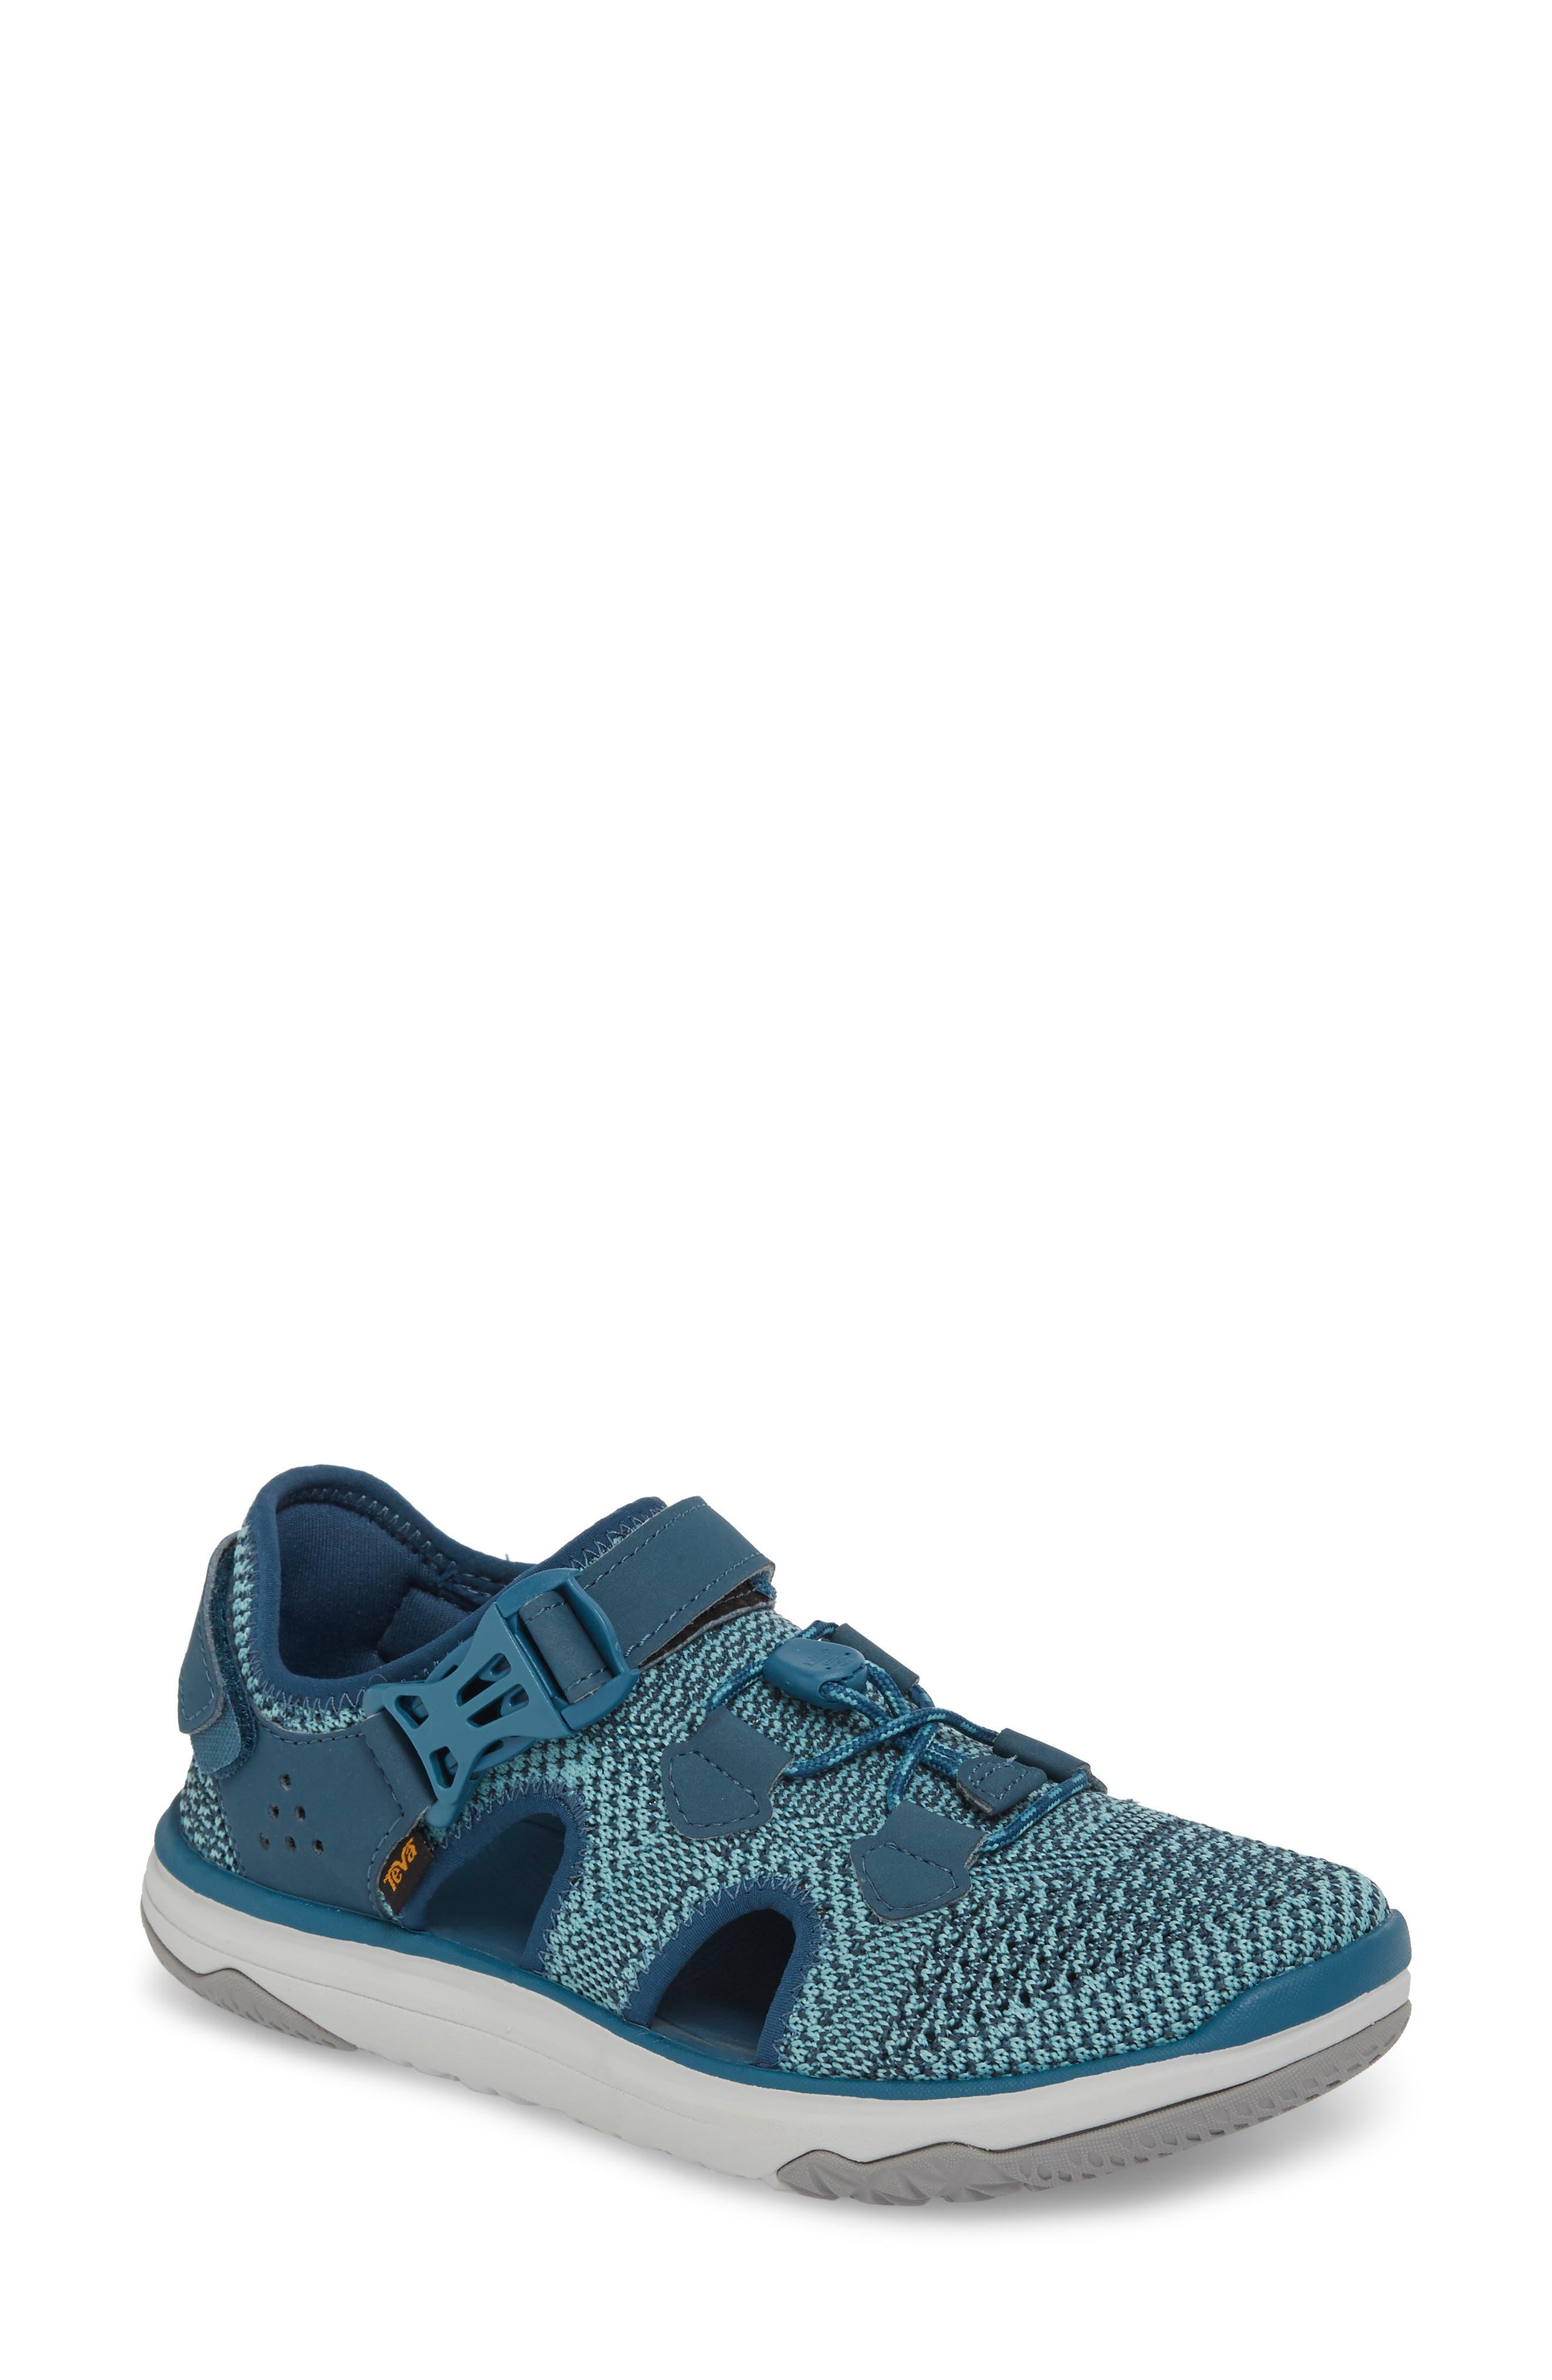 Terra Float Travel Knit Active Sandal,                         Main,                         color, LEGION BLUE